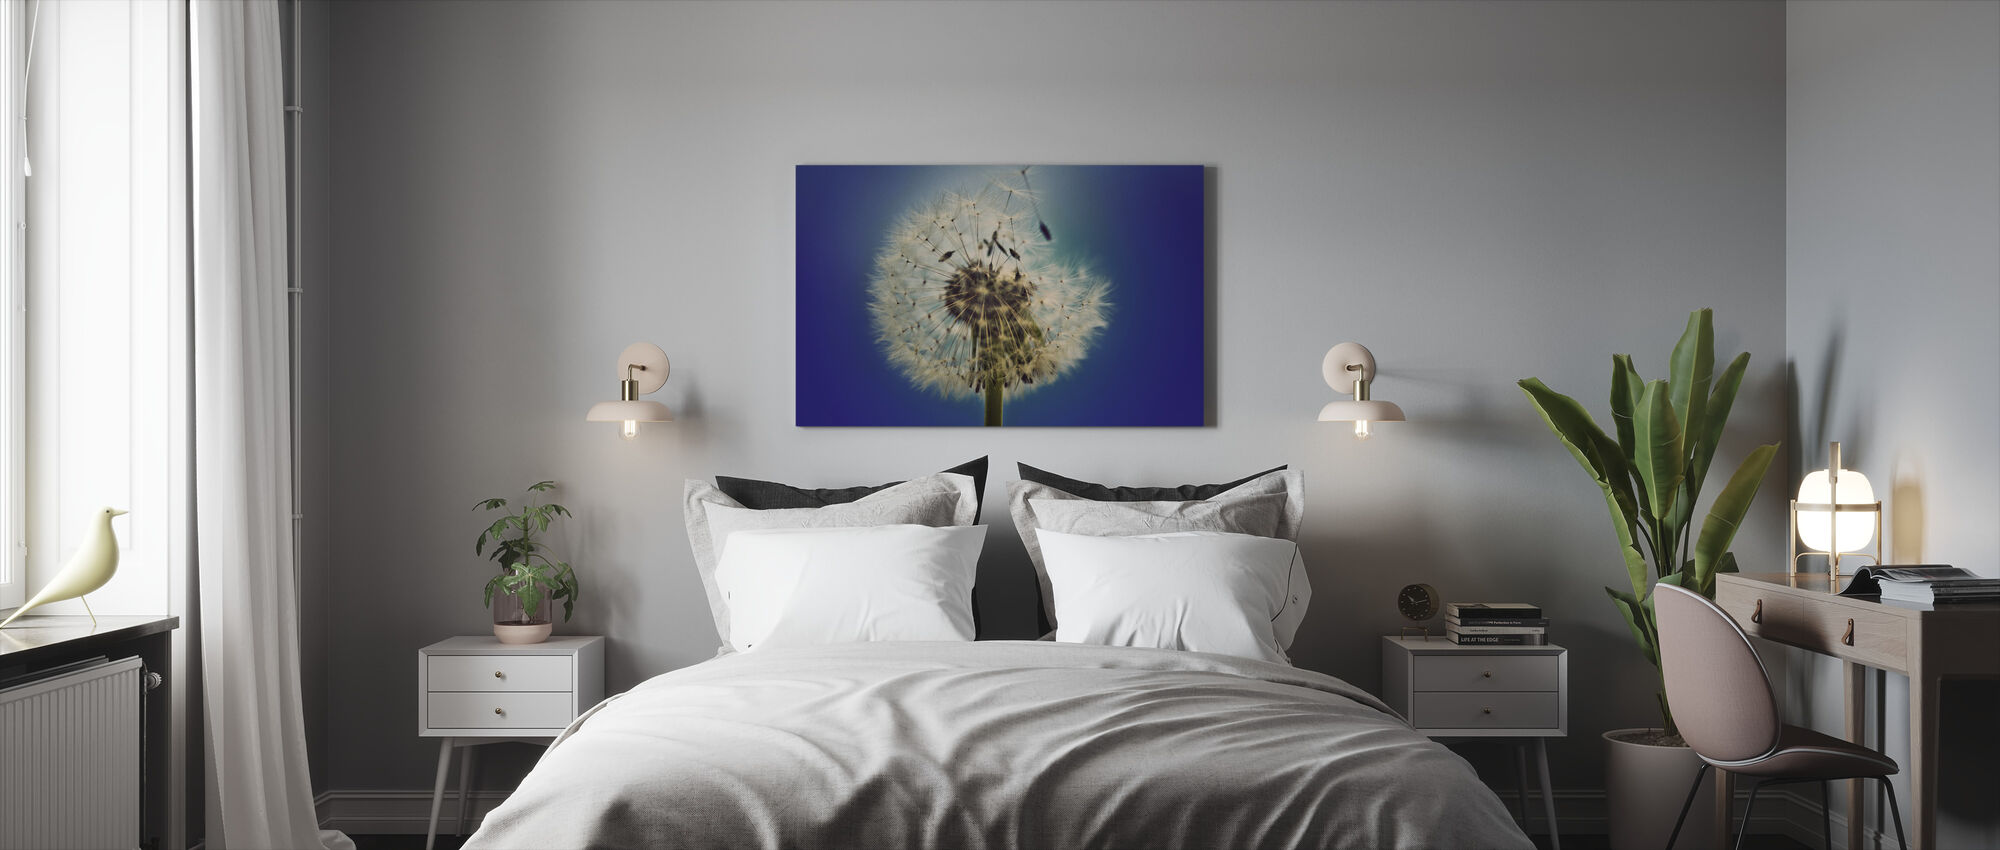 Dandelion on Blue Background - Canvas print - Bedroom